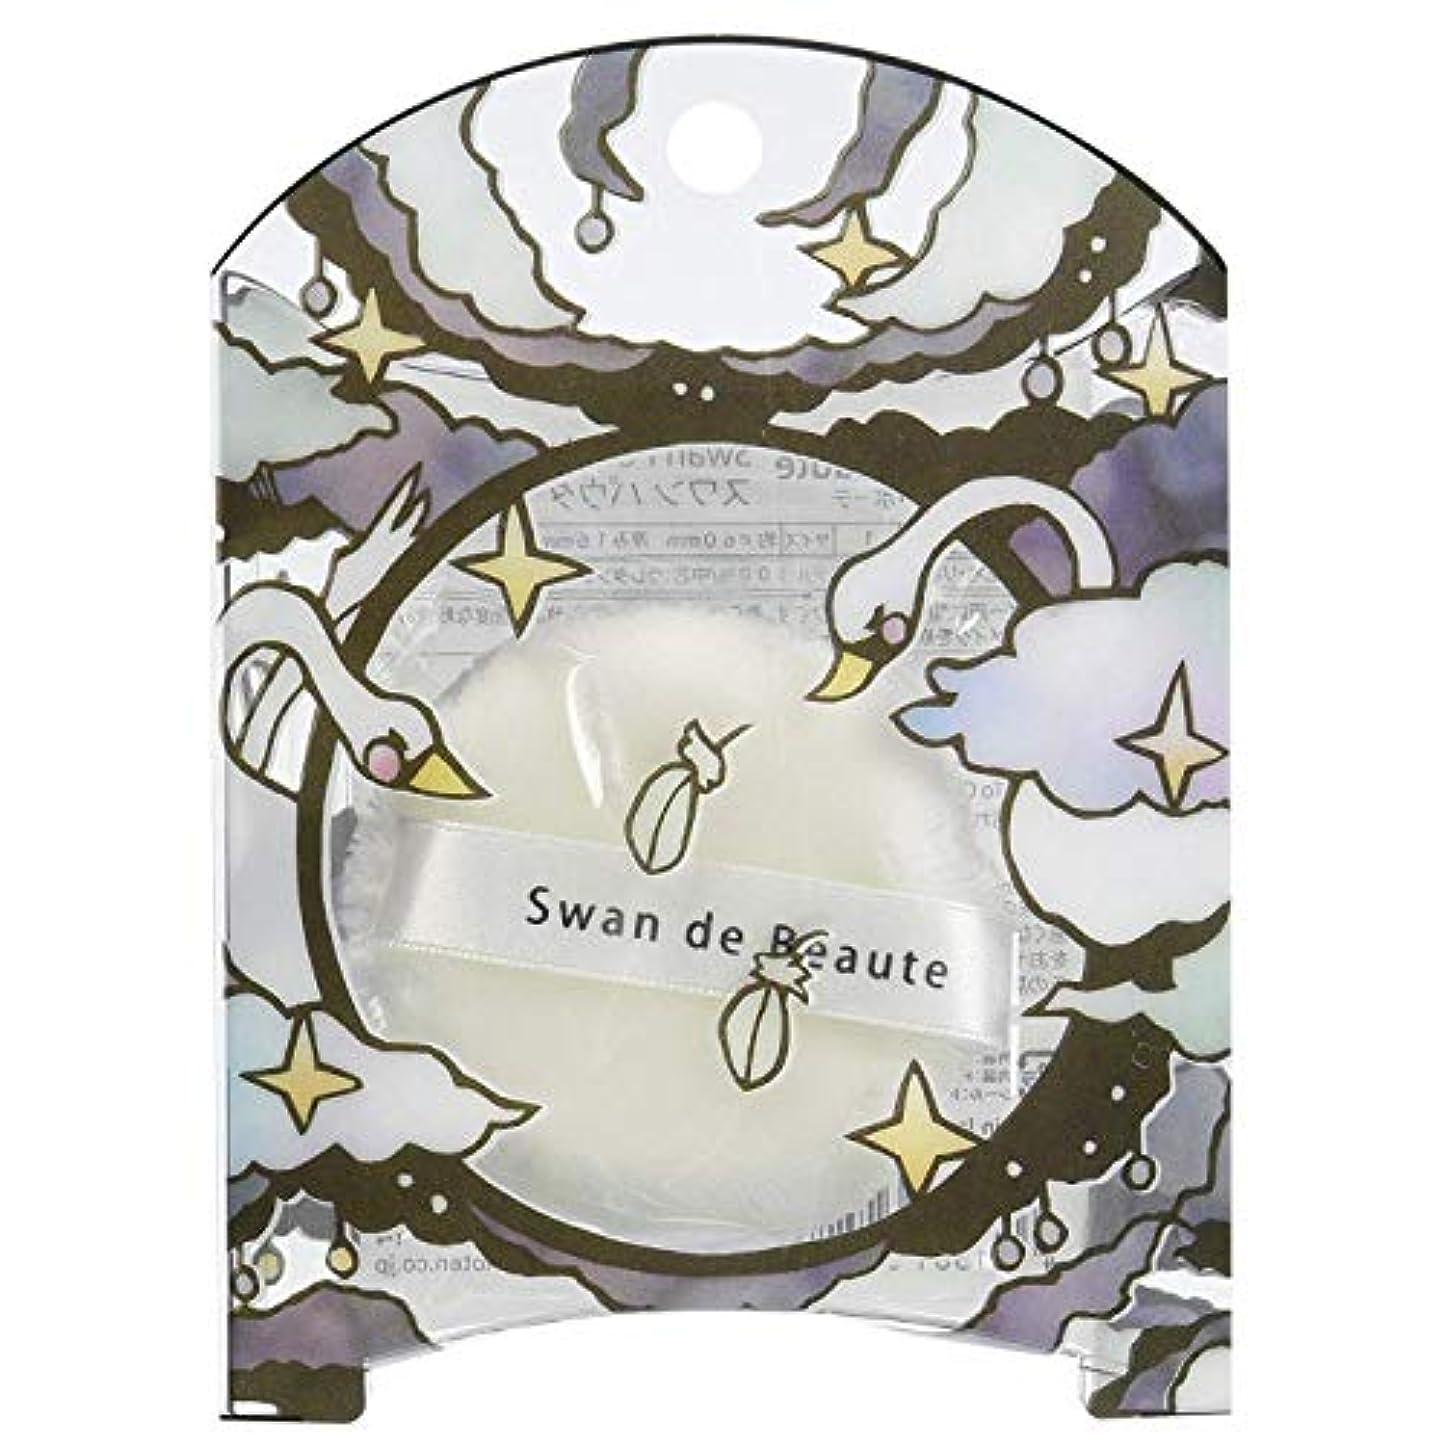 カッターグレード借りているswan de beaute(スワン?ド?ボーテ) スワン パウダーパフ SWAN-02 (1個)